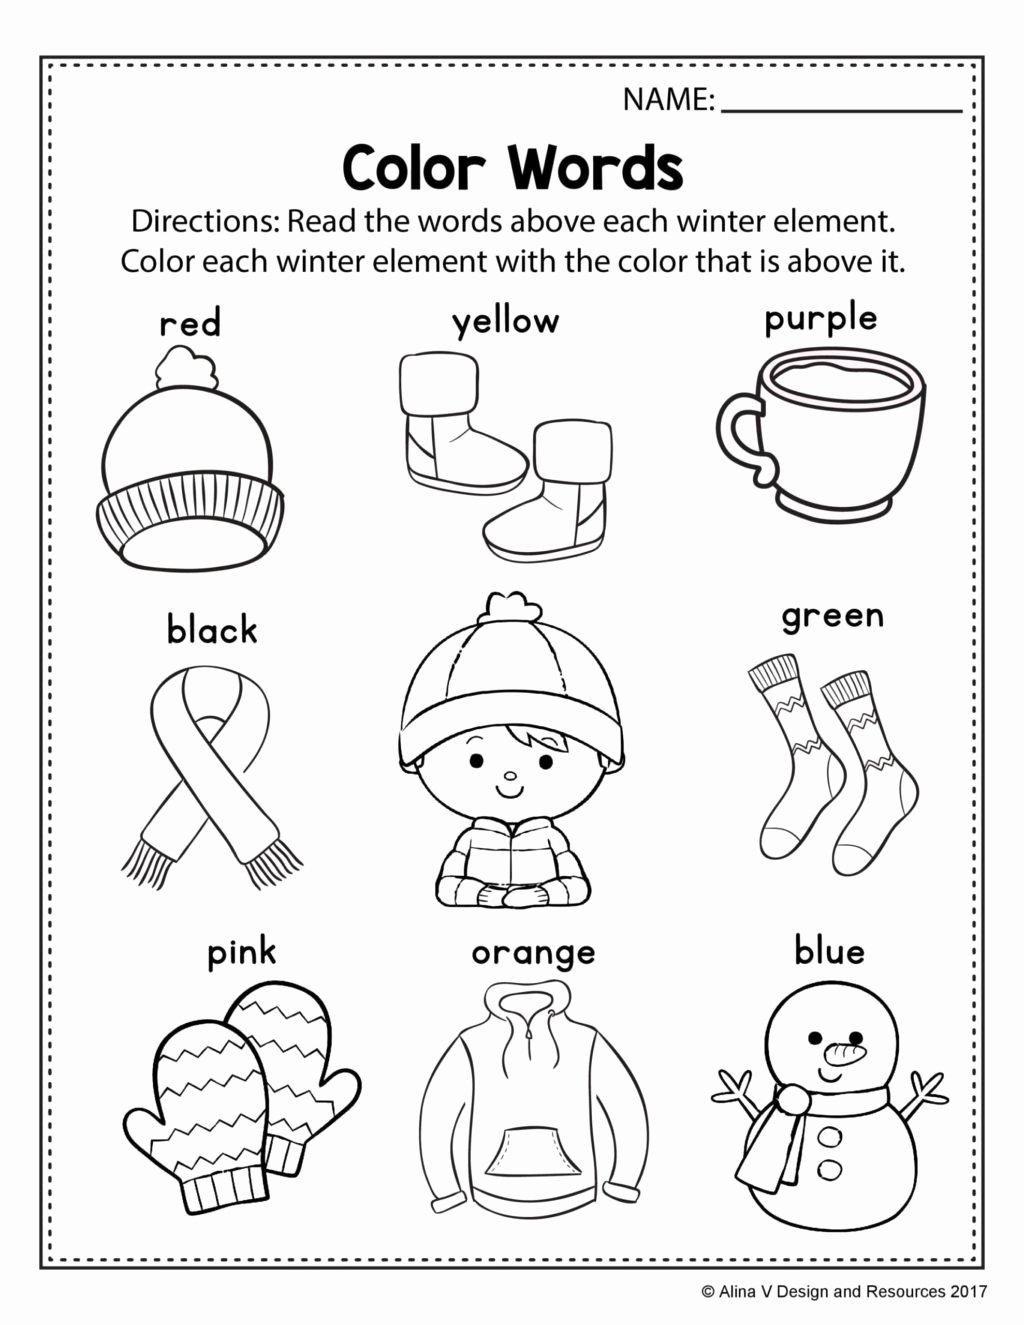 Free Color Worksheets for Preschoolers Kids Free Coloring Printables for Preschoolers Outstanding